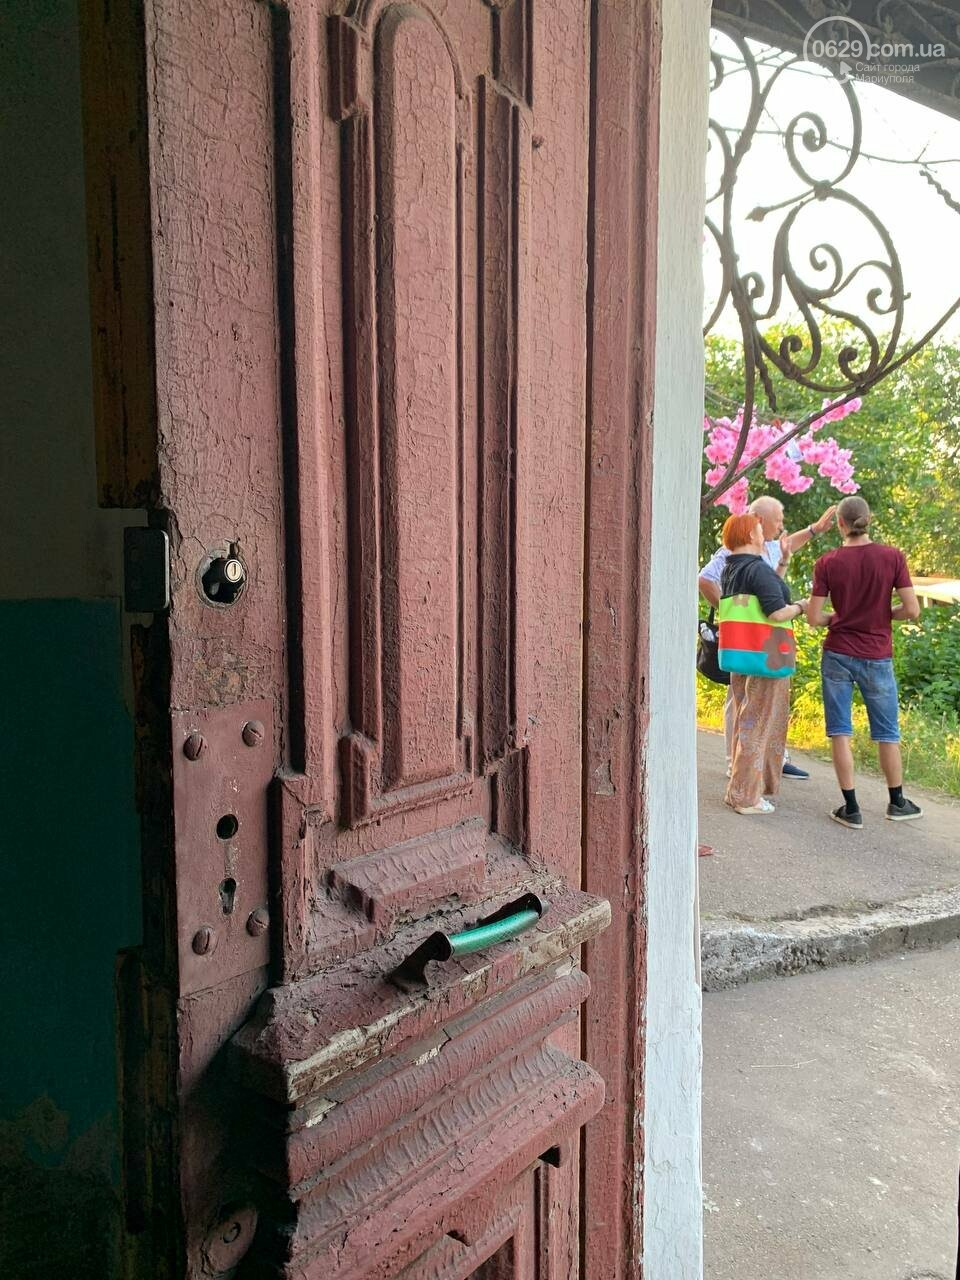 Старовинним дверям у Маріуполі влаштували справжнє свято, - ФОТОРЕПОРТАЖ, фото-39